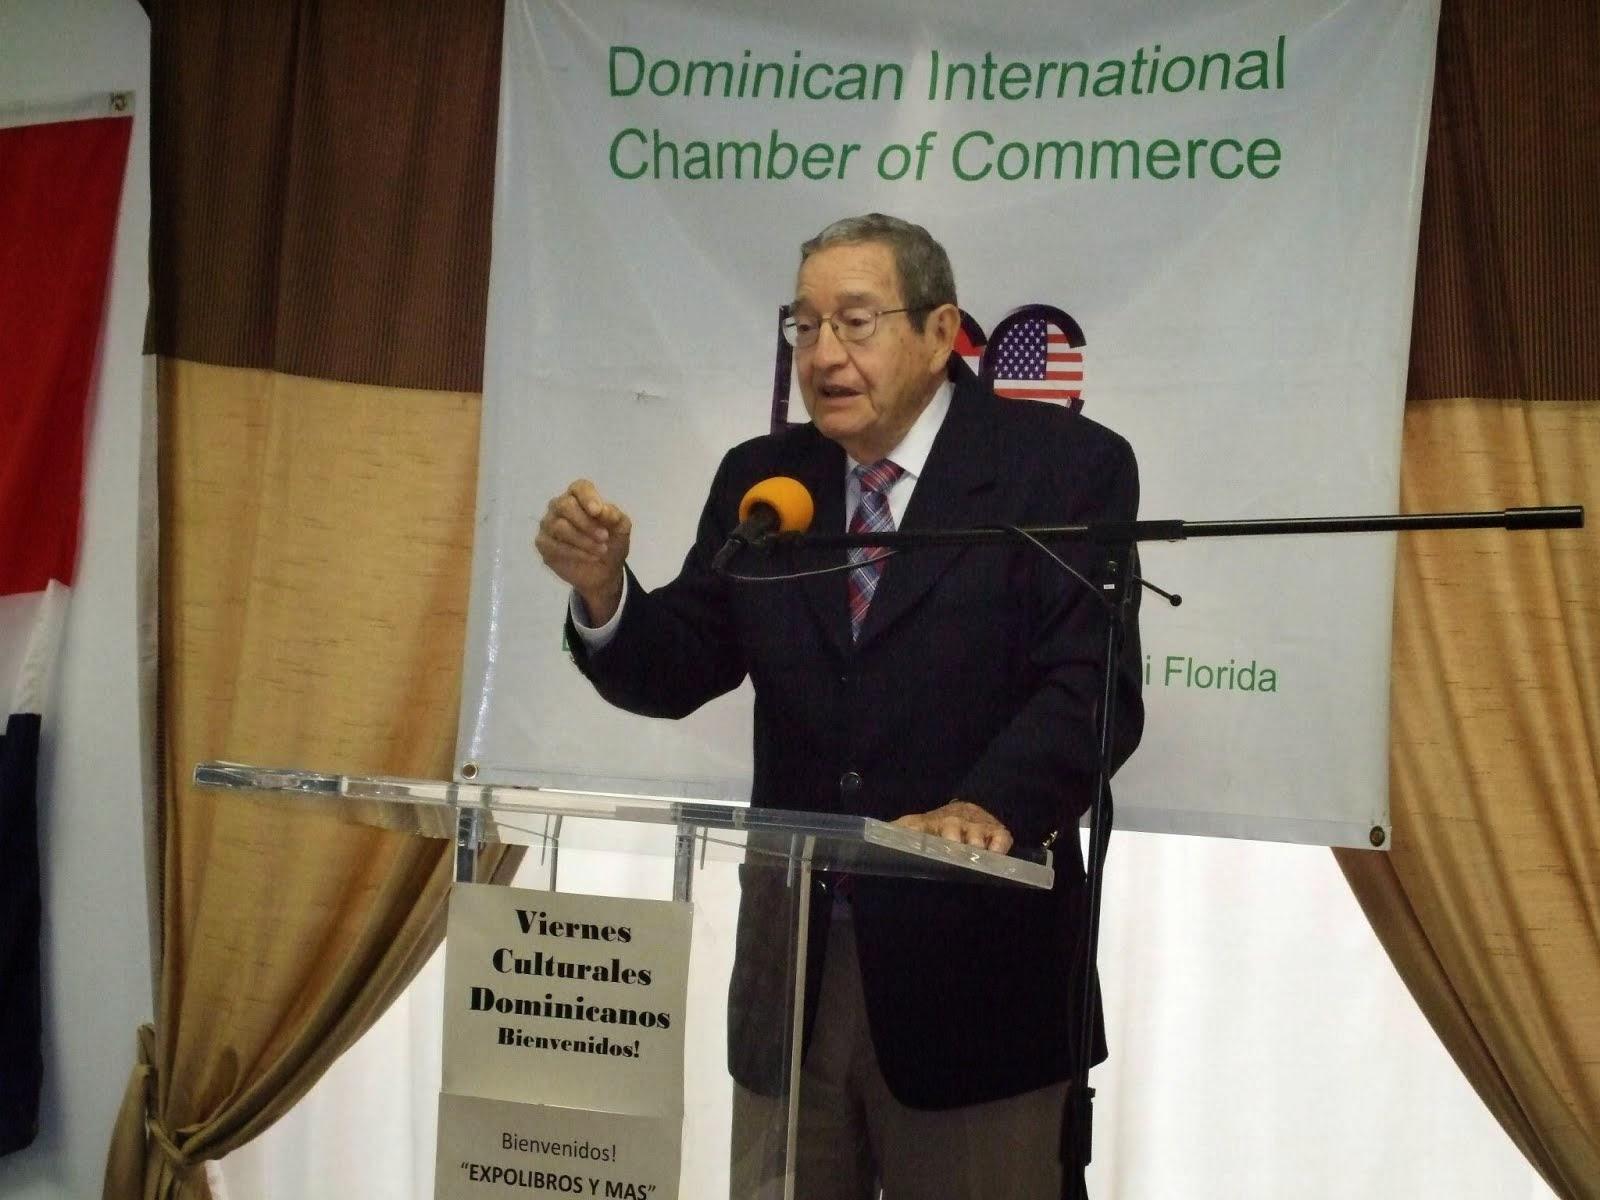 JOSE TIBERIO CASTELLANOS HABLA EN EXPLIBROS Y MAS EN MIAMI, 15 DE NOVIEMBRE, 2014